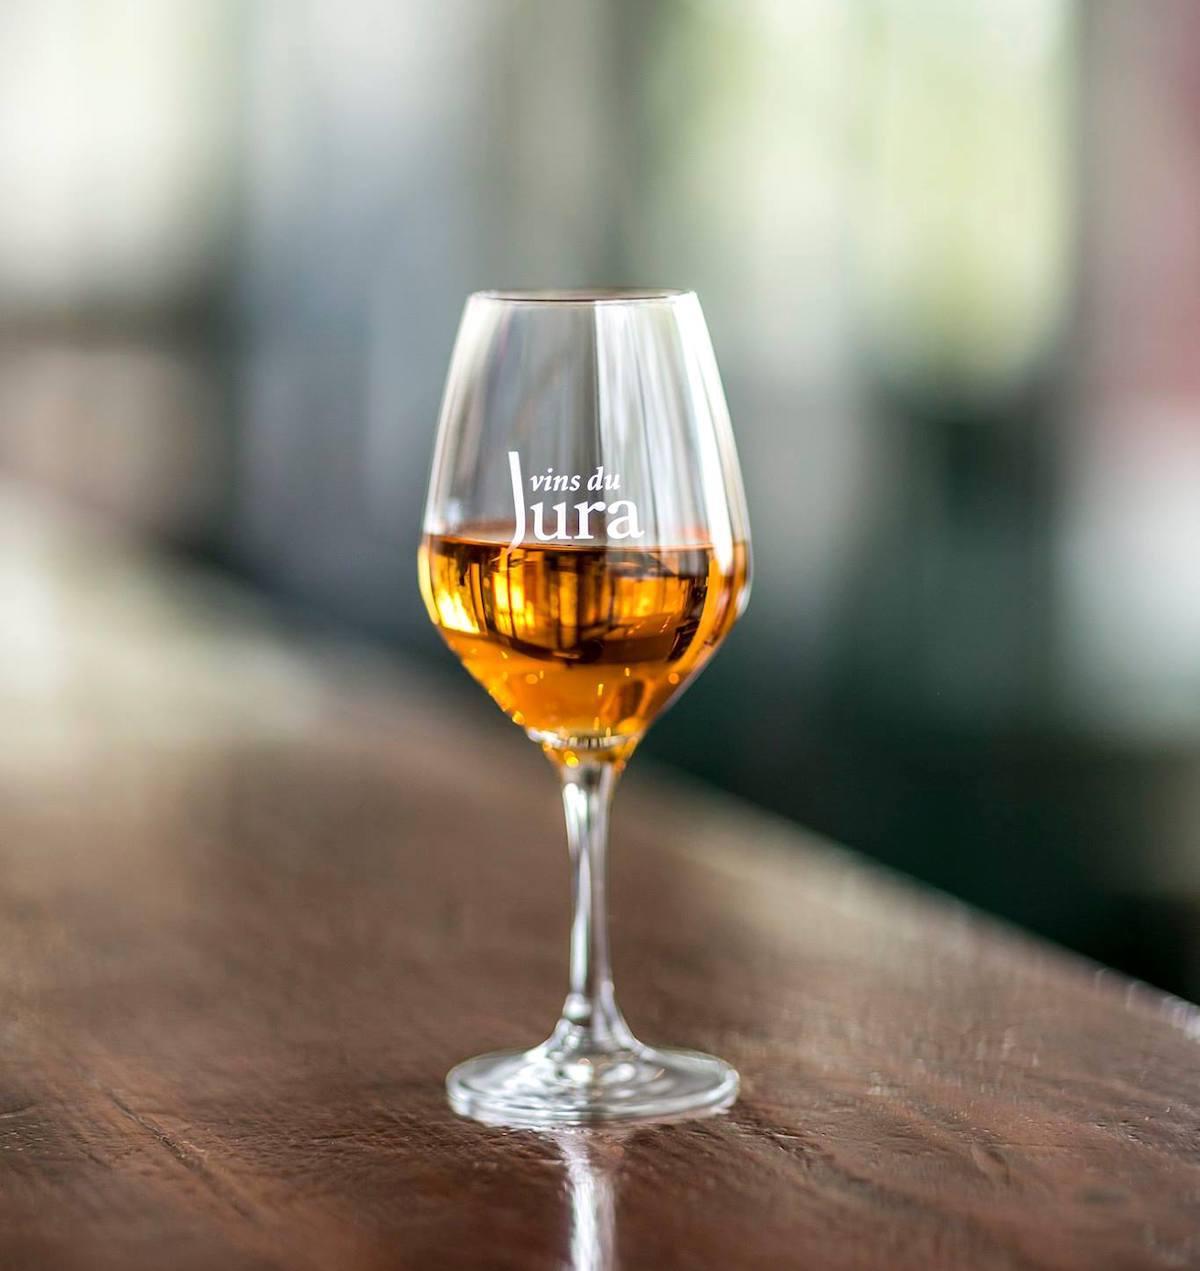 Vin de Paille - Vin du jura ©Philippe Levy